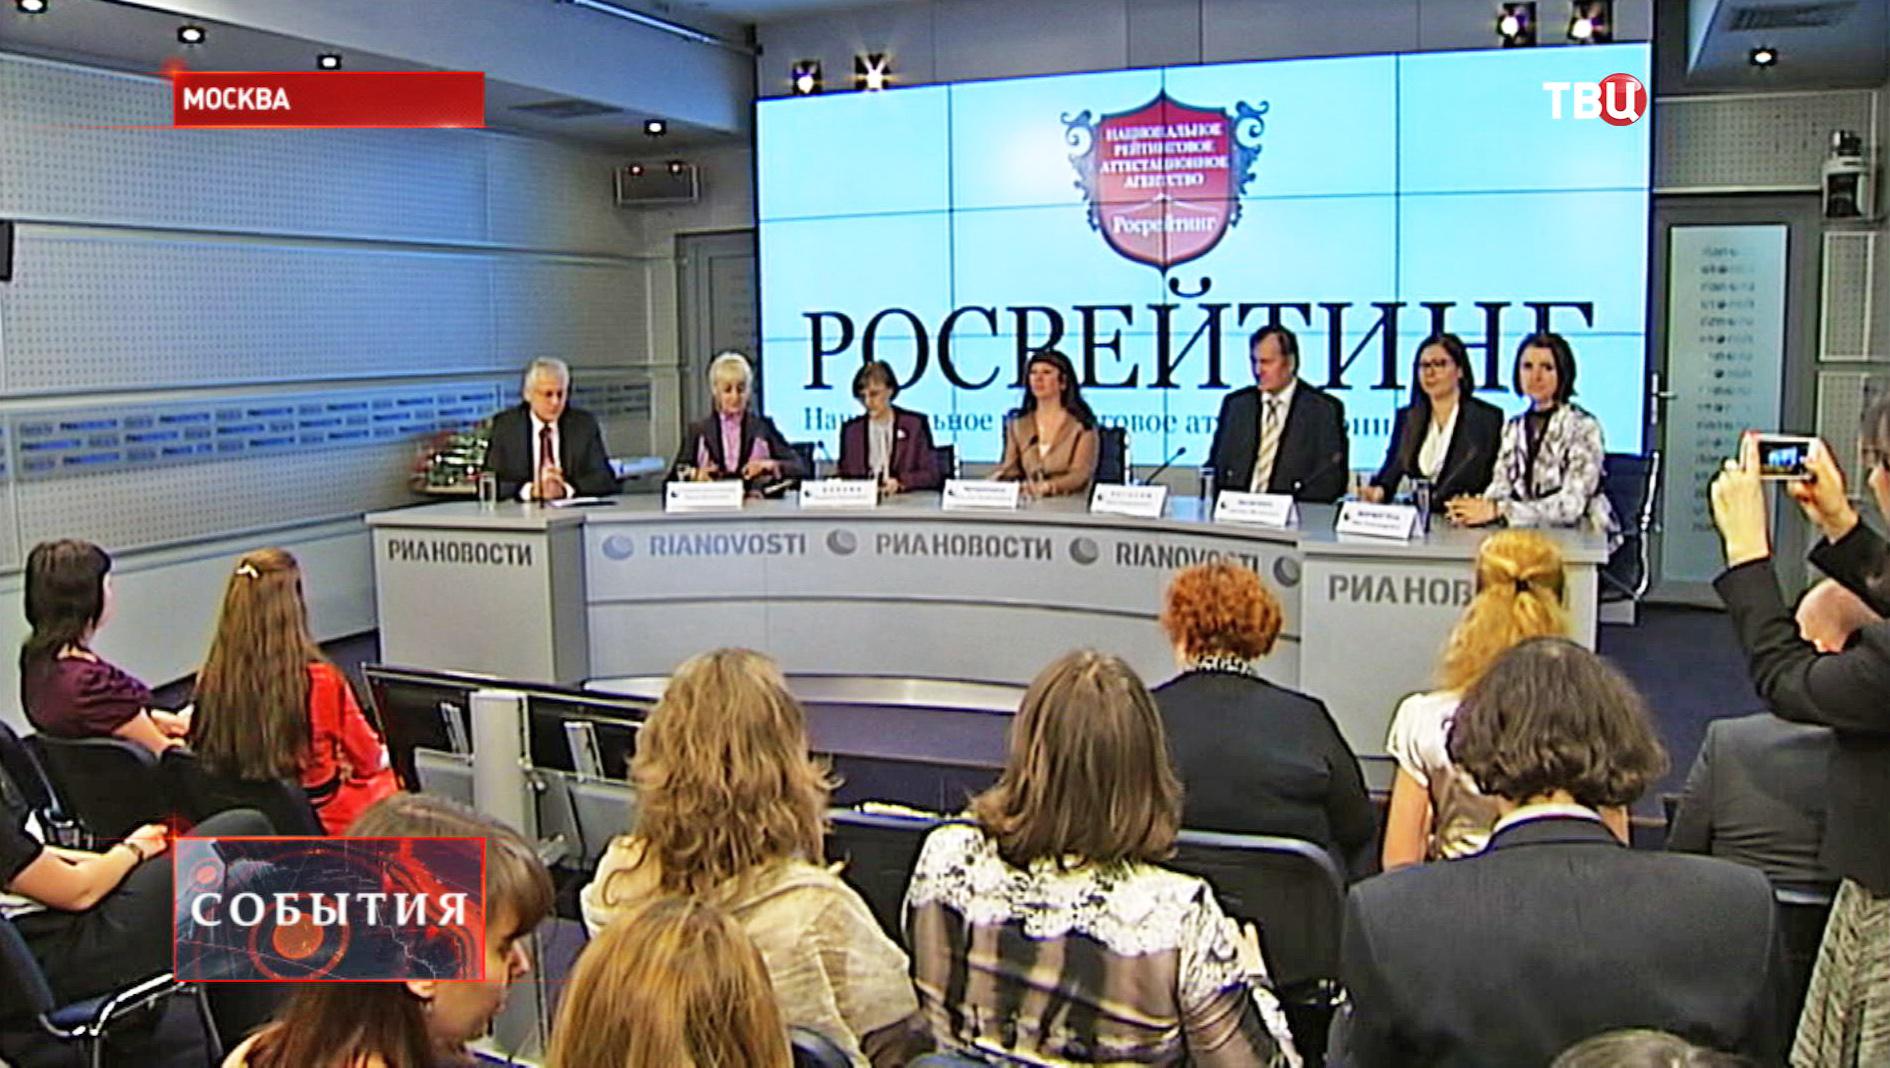 В Москве выбрали лучшего молодого преподавателя высшего и профобразования